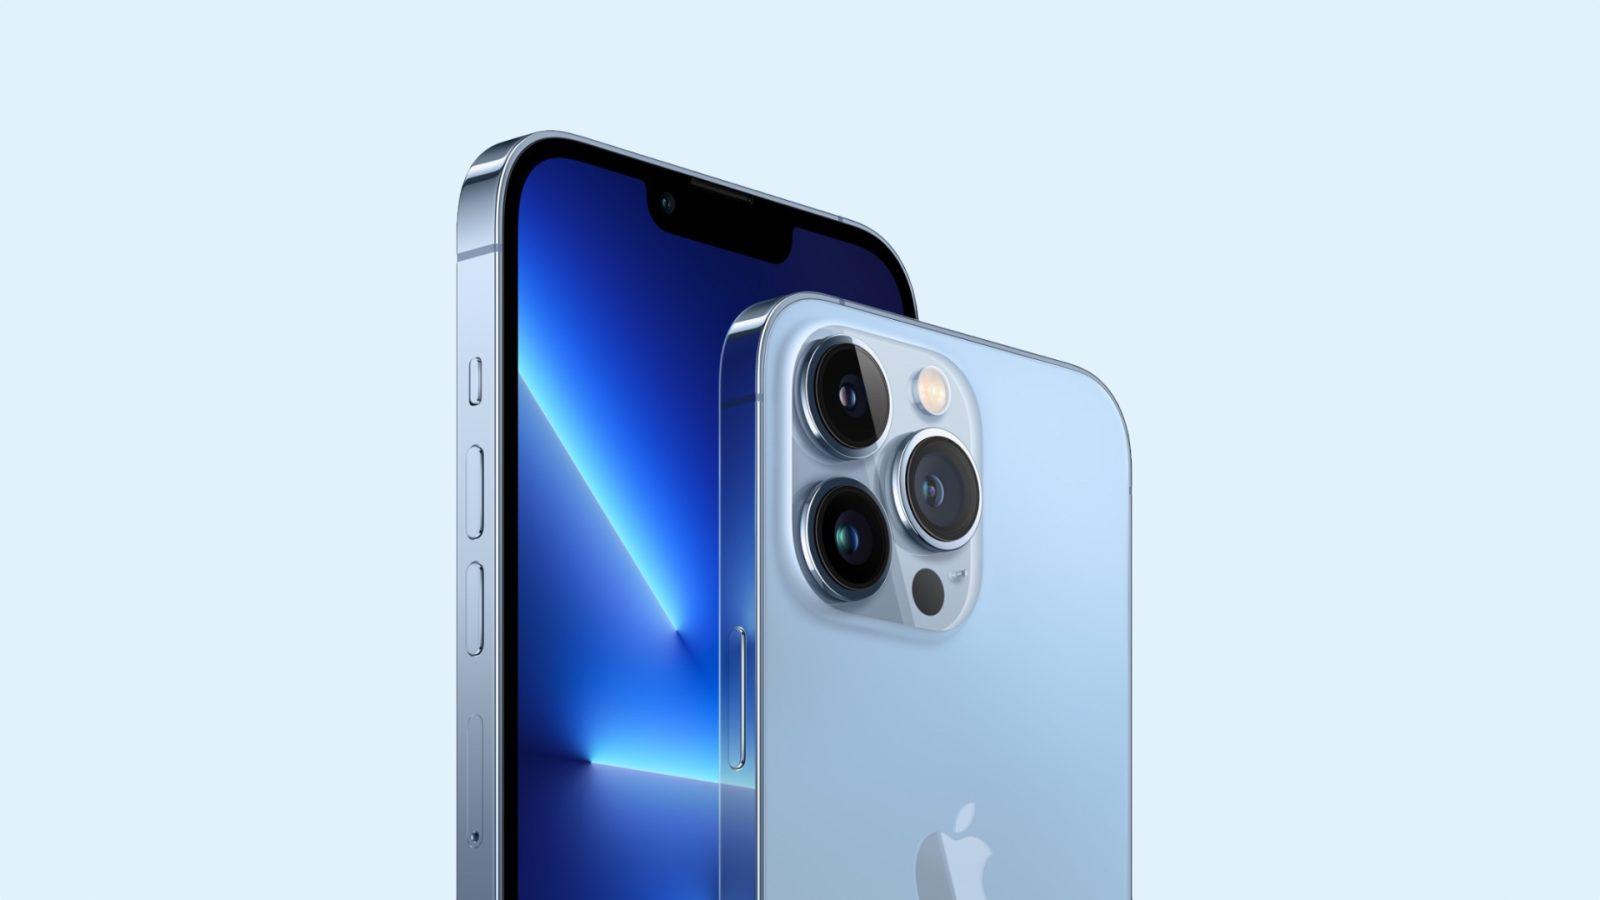 订单排至 11 月,首批国行 iPhone 13 系列已发货